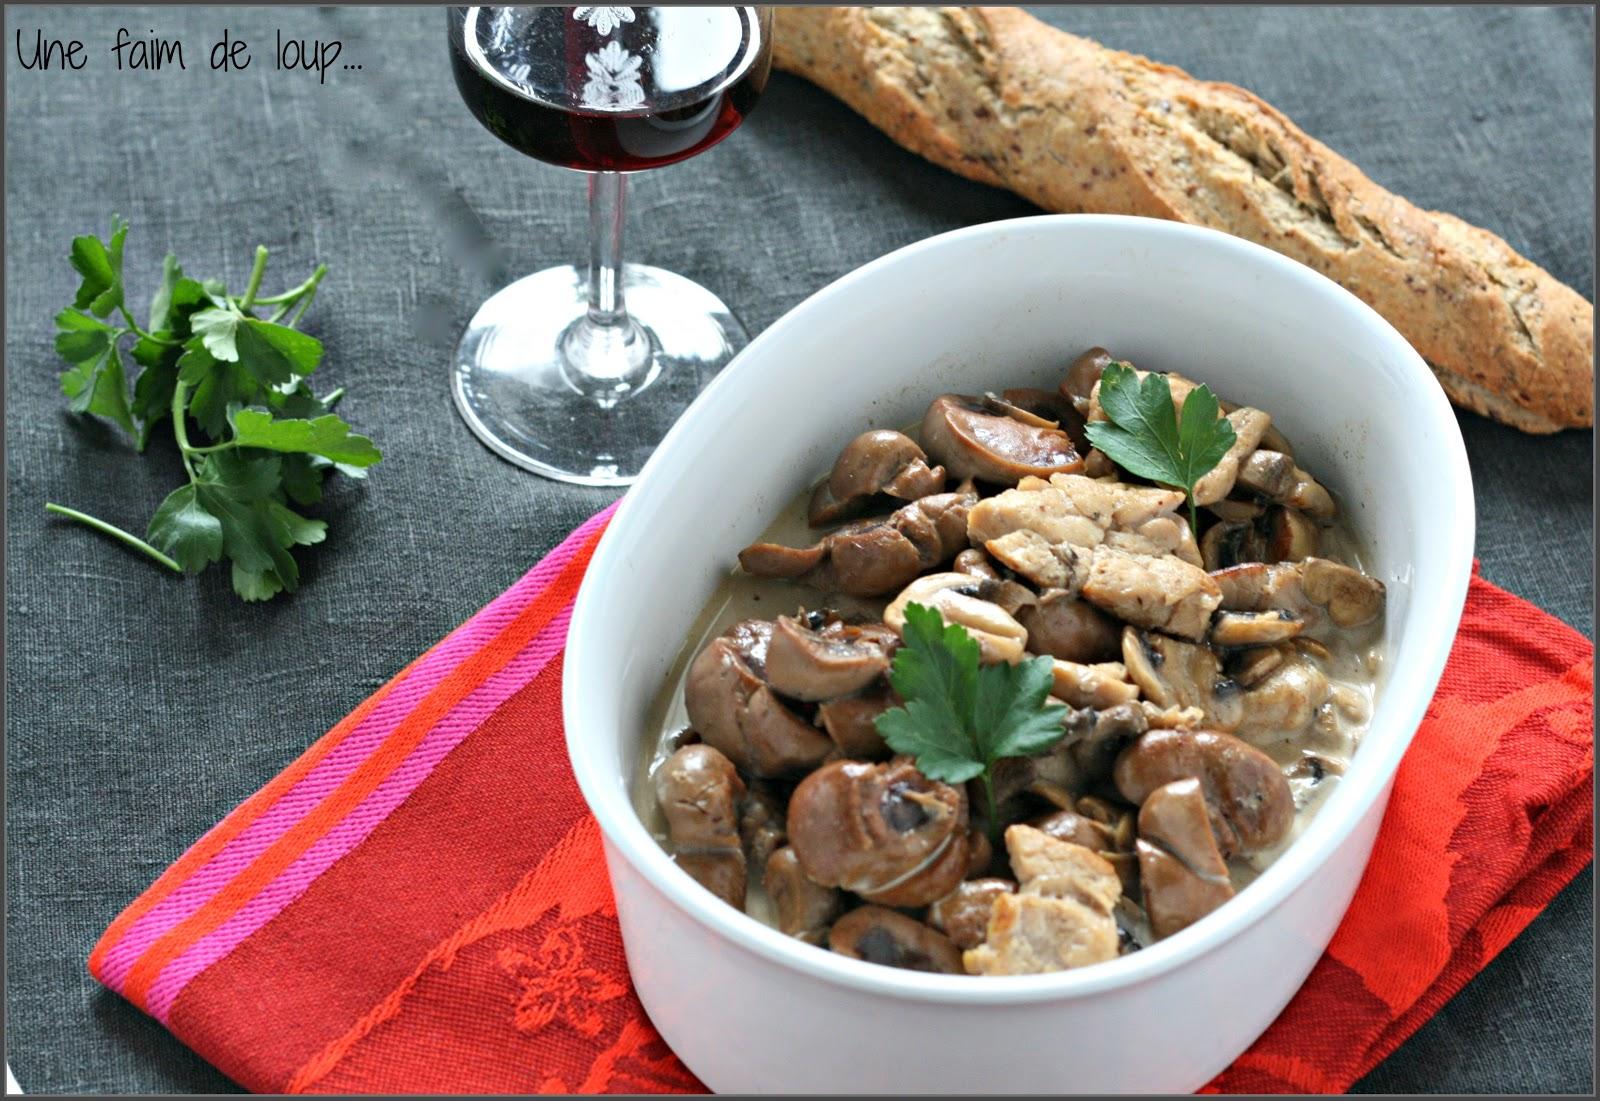 La table lorraine d amelie veau aux cepes et girolles en - Rognons Ris De Veau Champignons Une Beuchelle